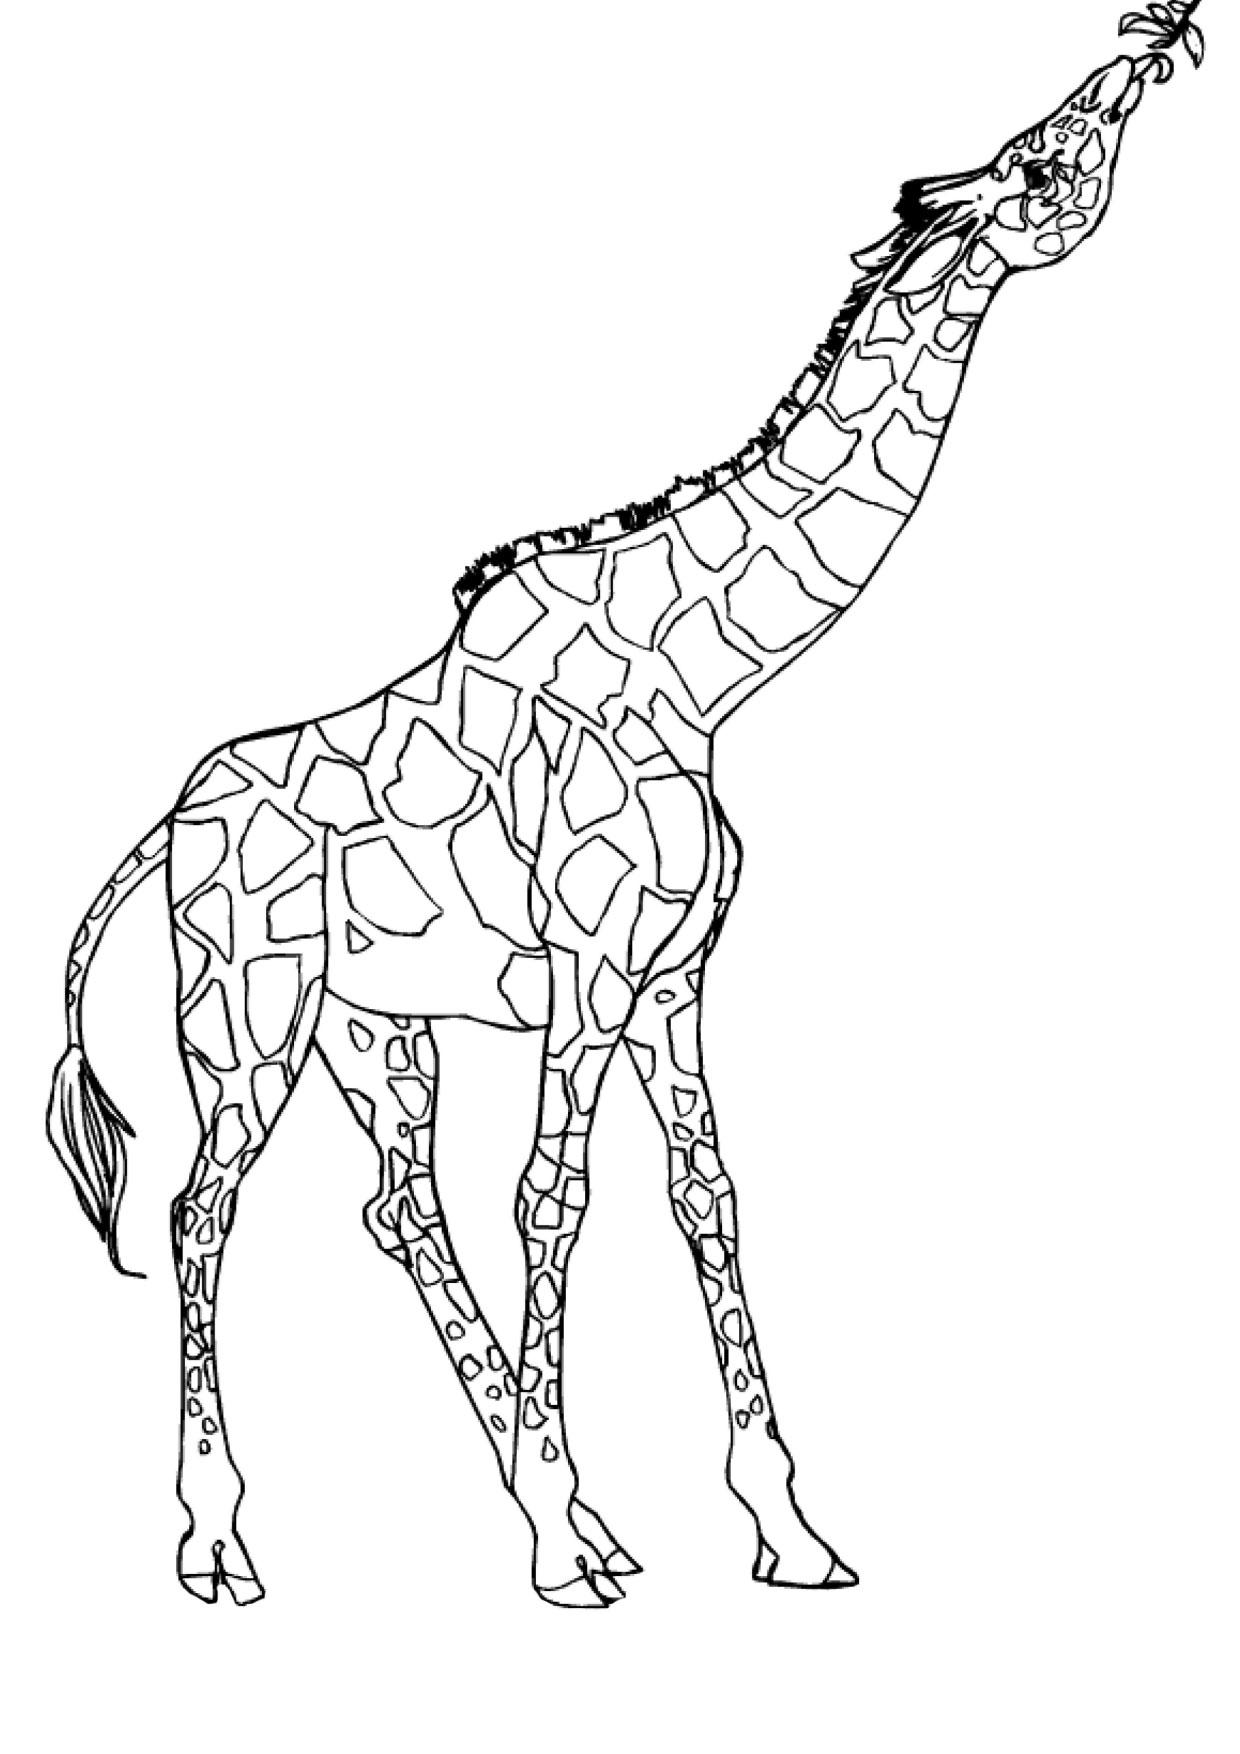 Disegno di giraffa 18